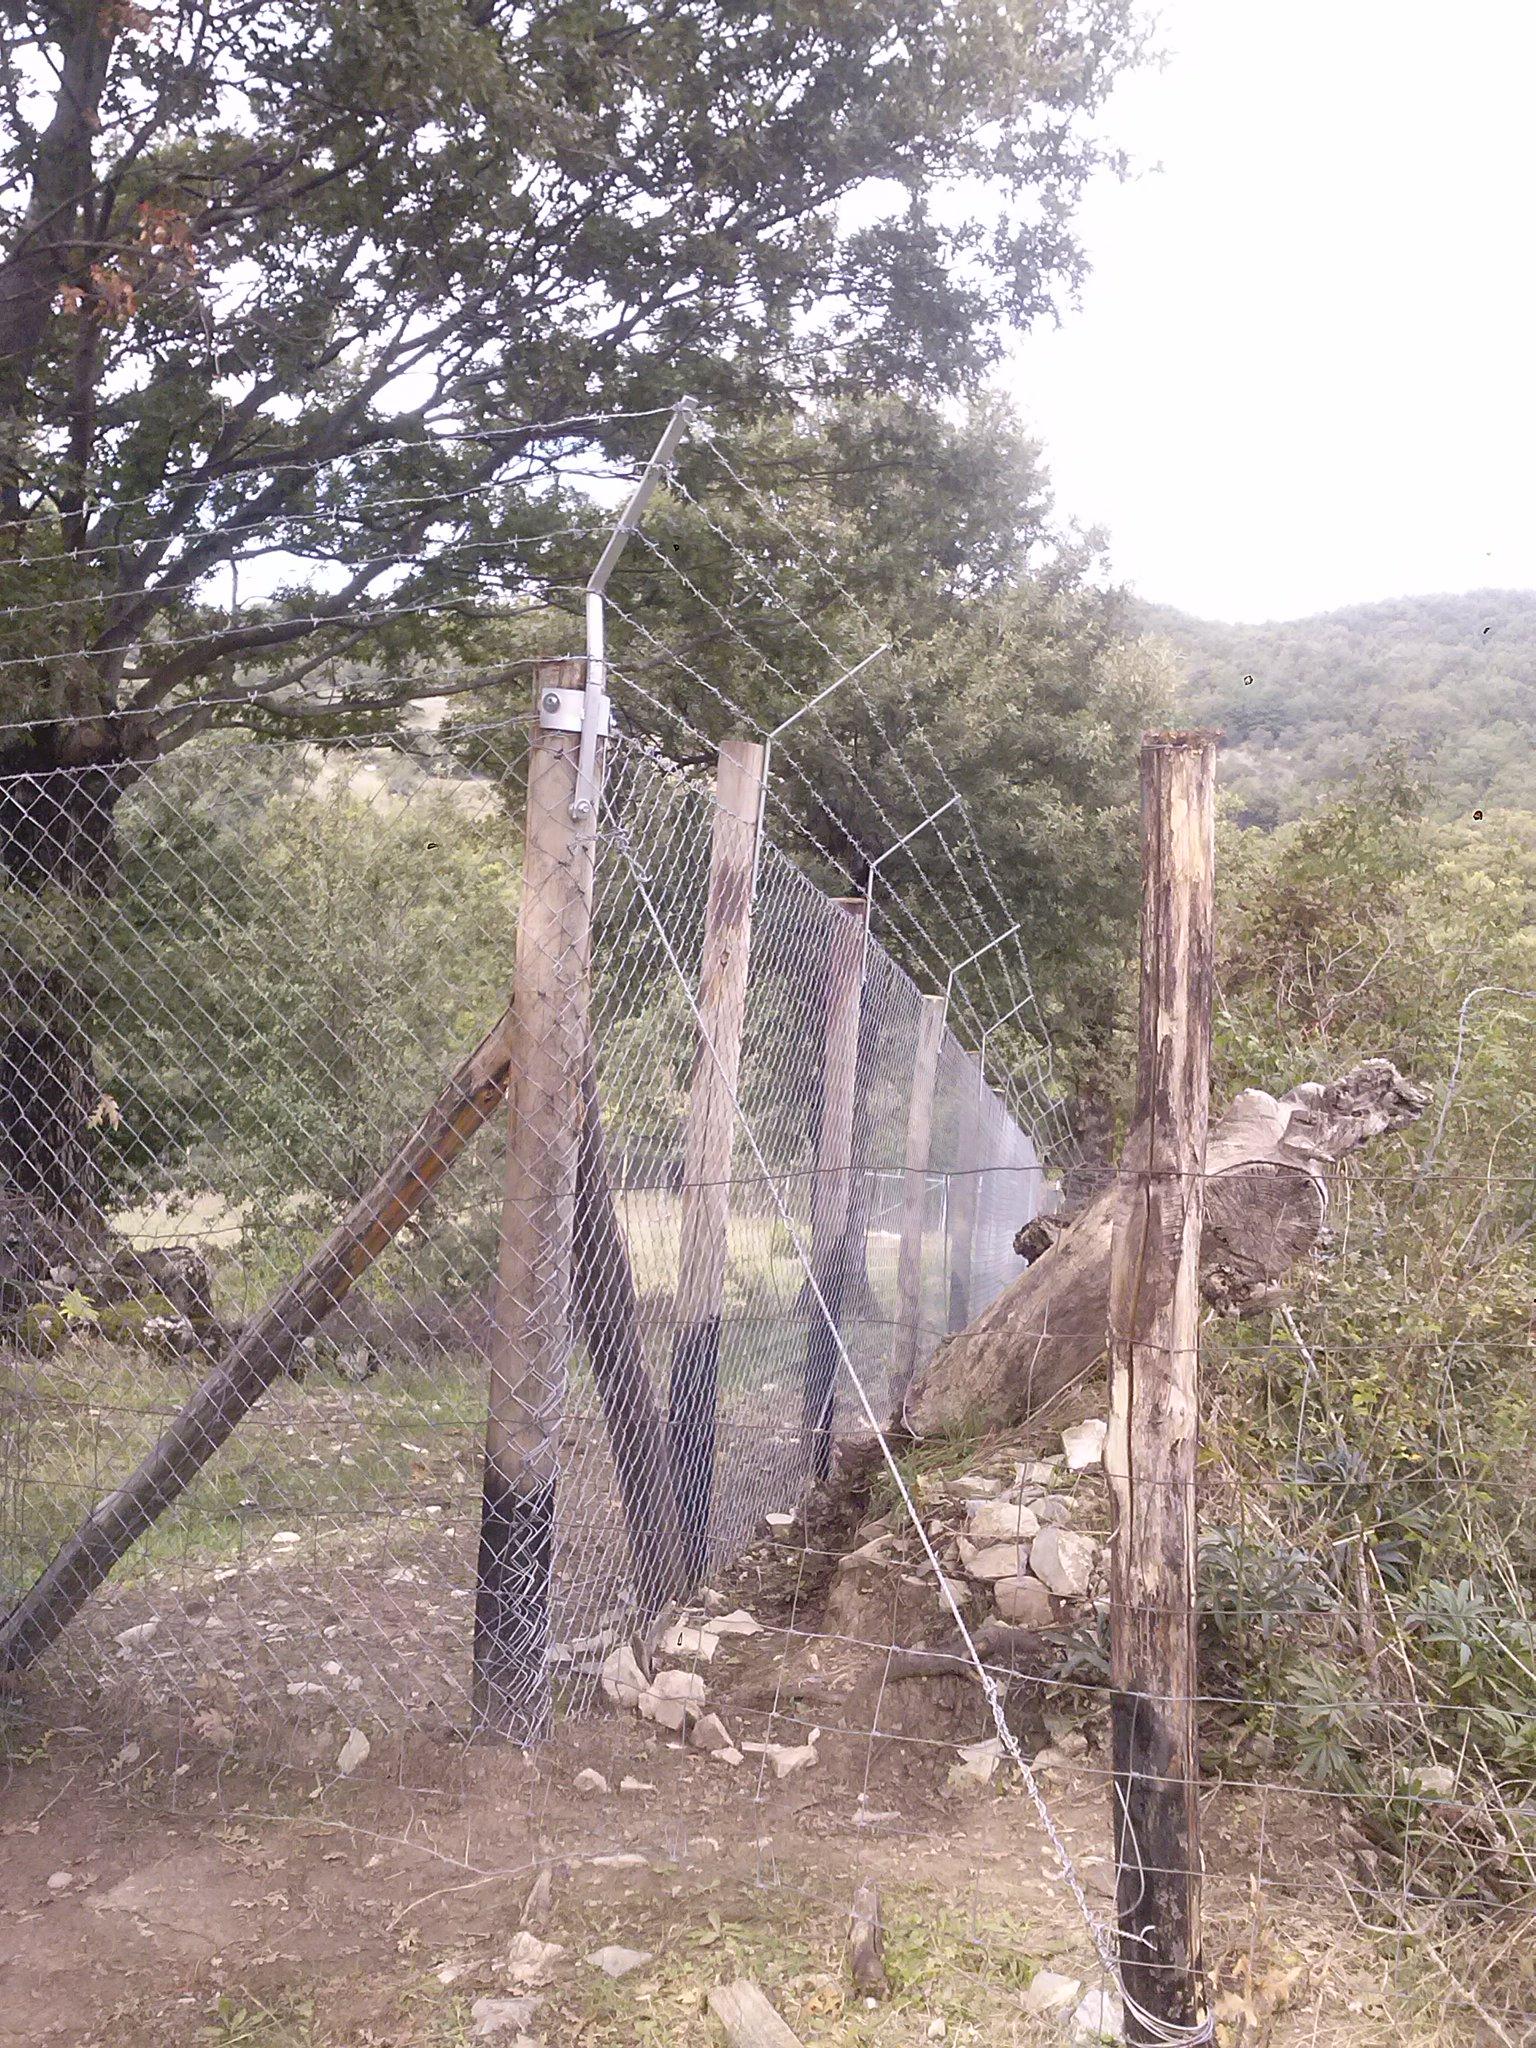 With recinzioni economiche for Recinzione economica fai da te